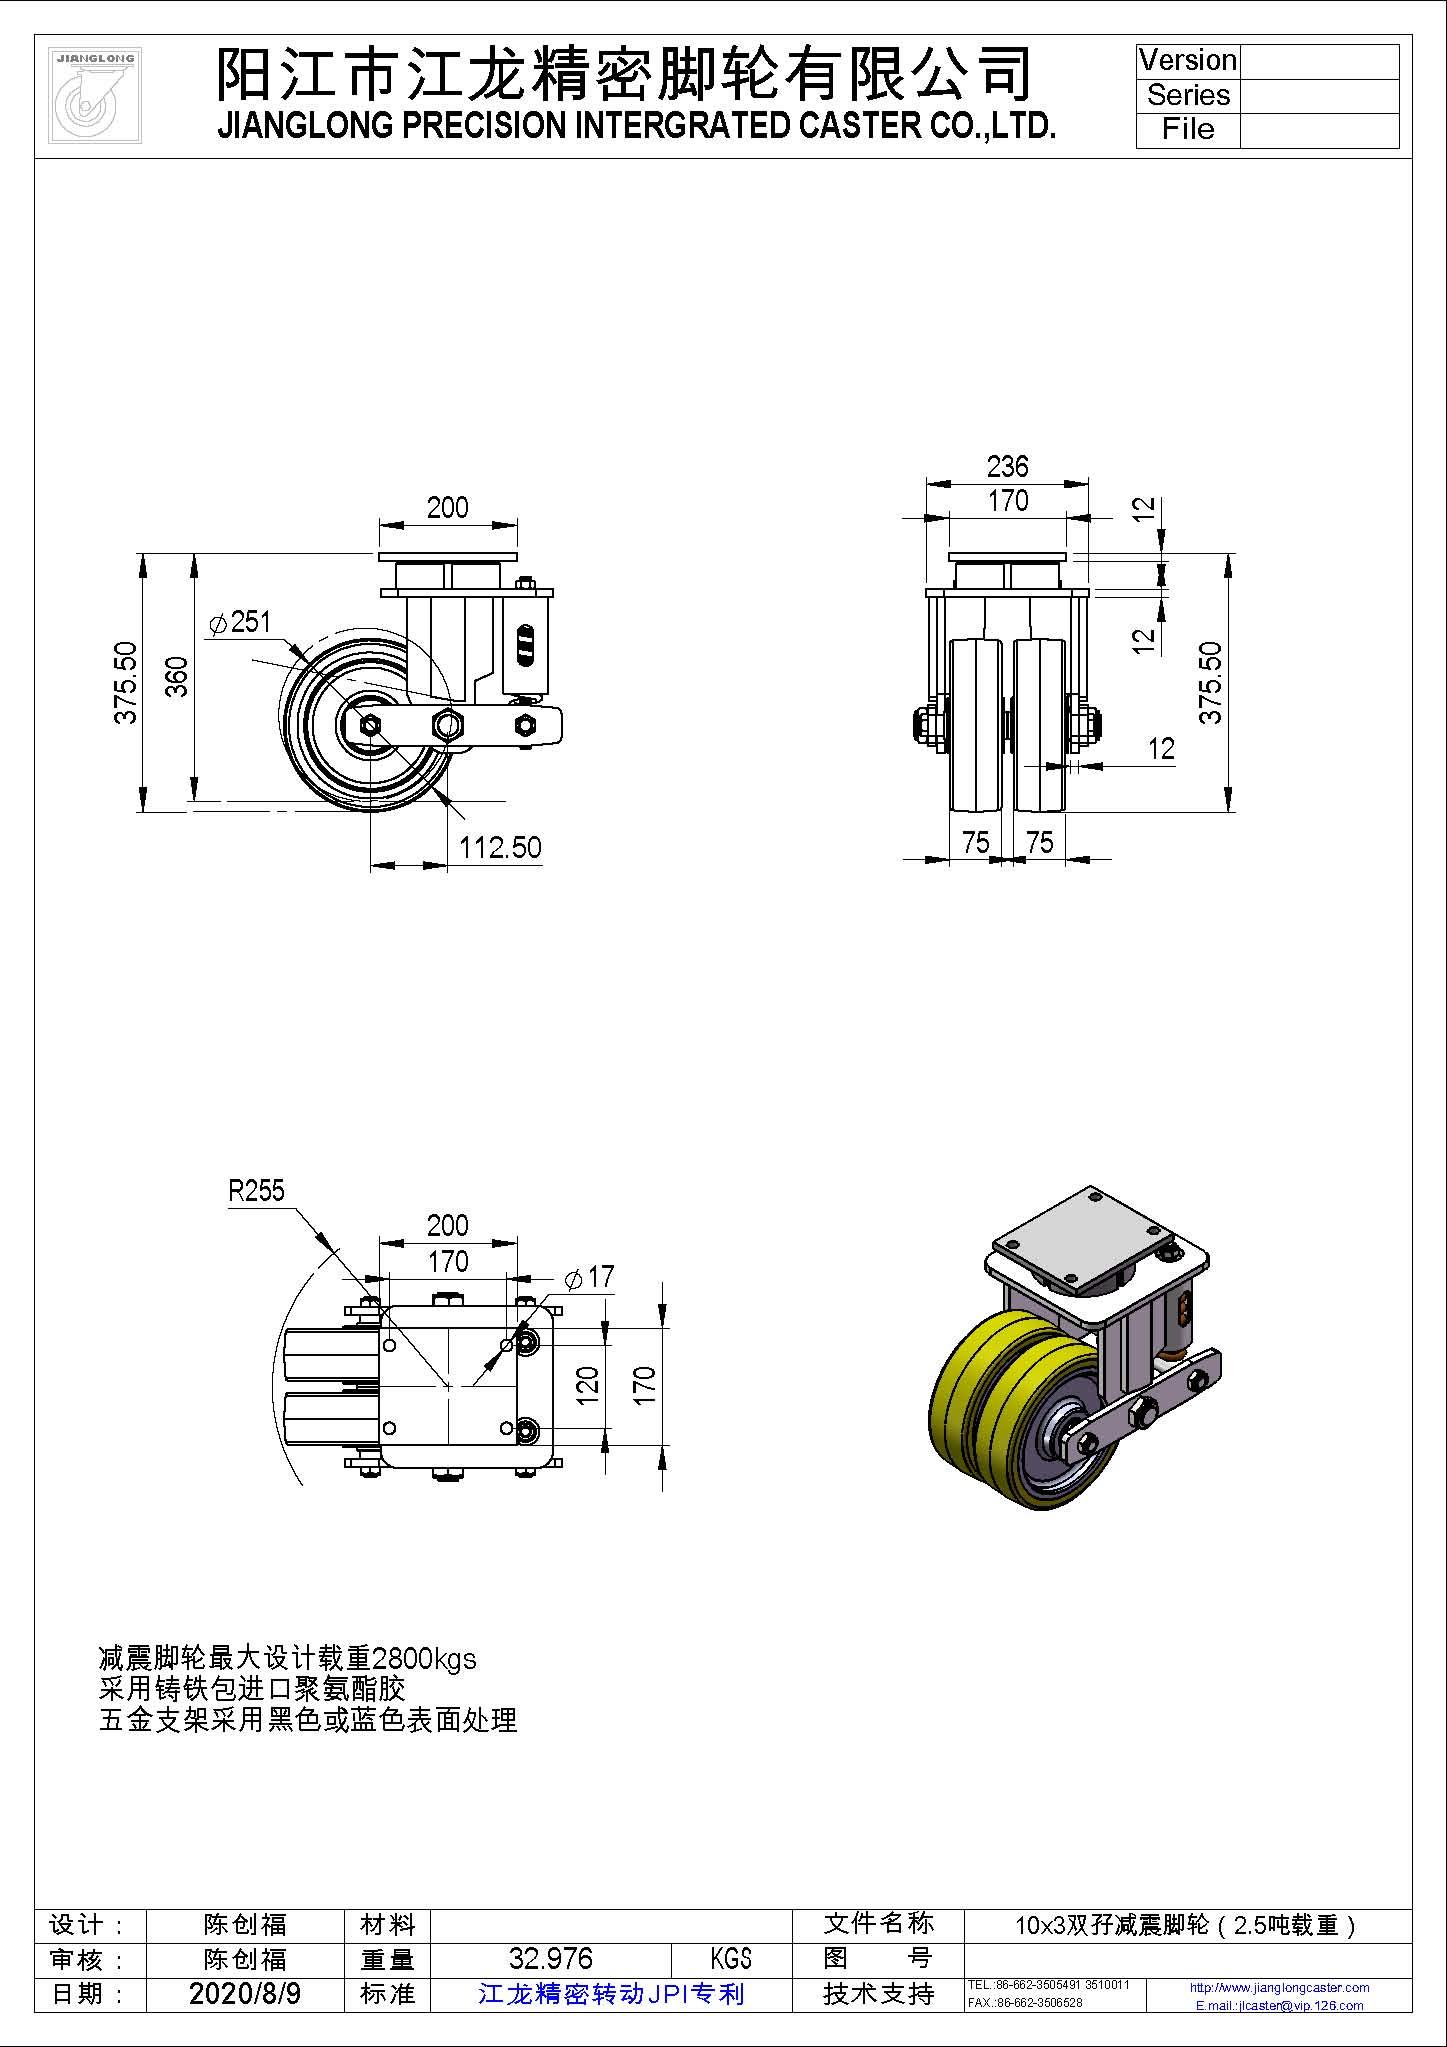 10x3雙孖減震腳輪(2.5噸載重)圖紙.jpg